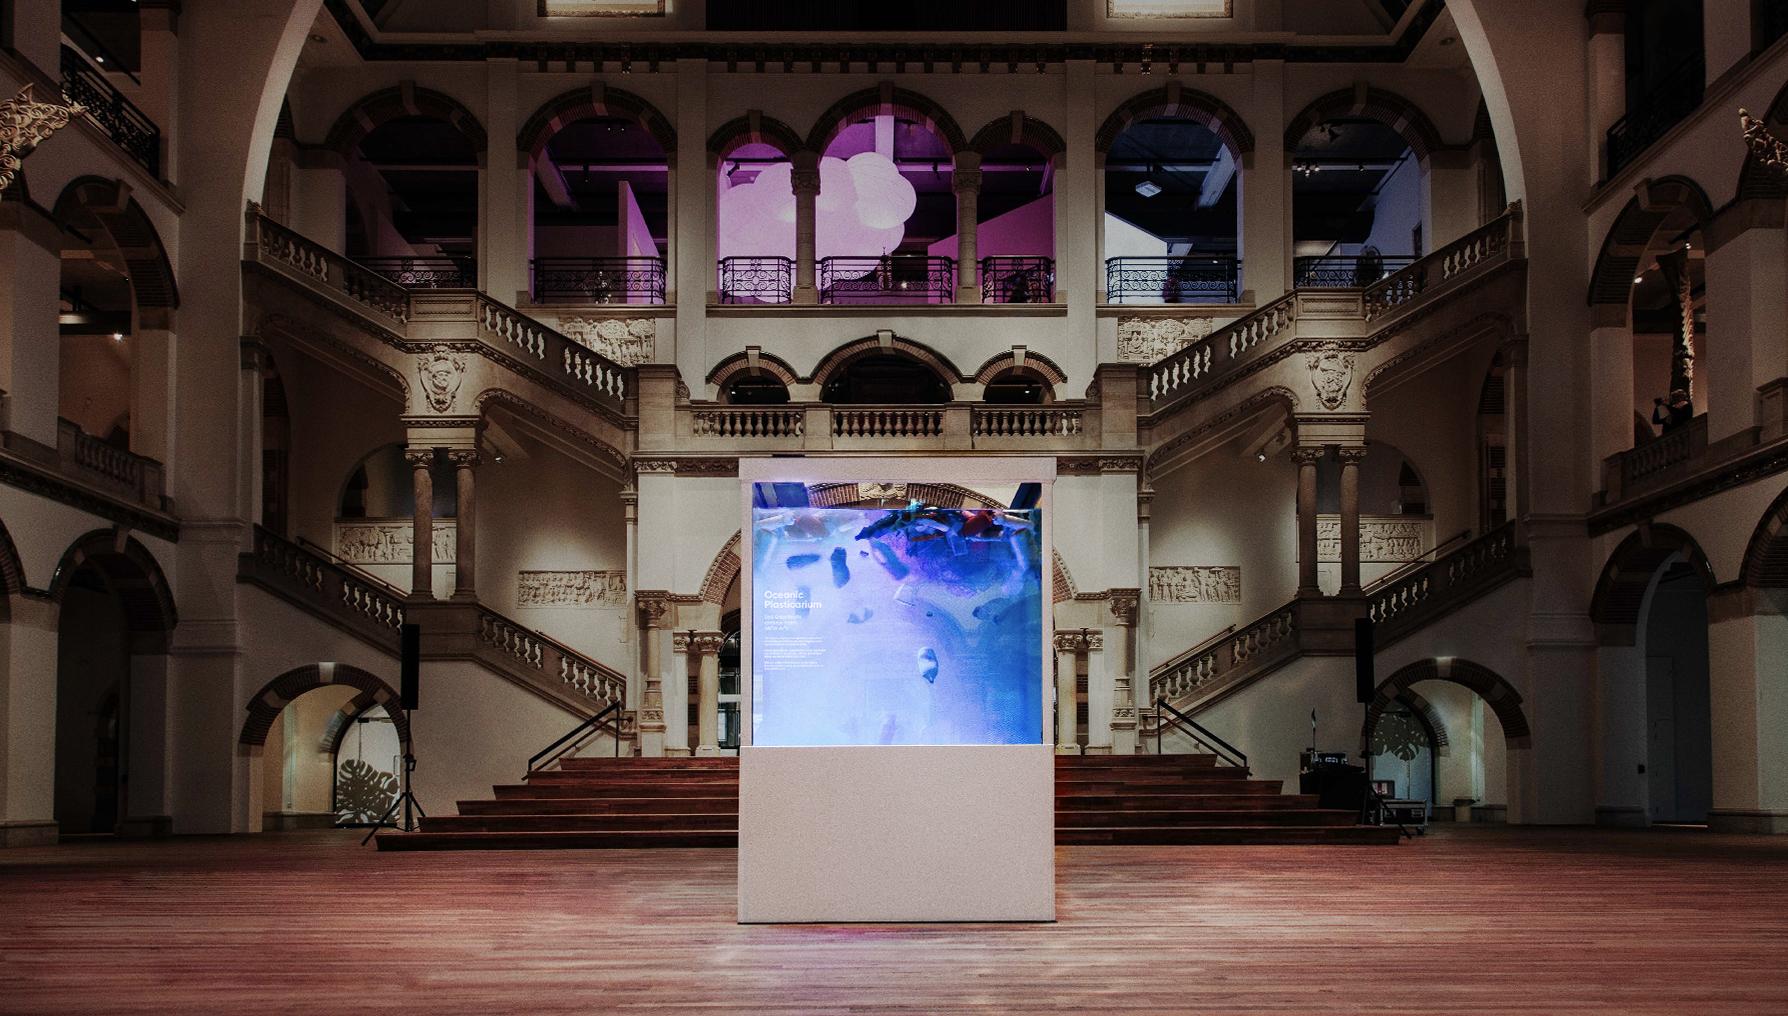 Dopper – The Oceanic Plasticarium